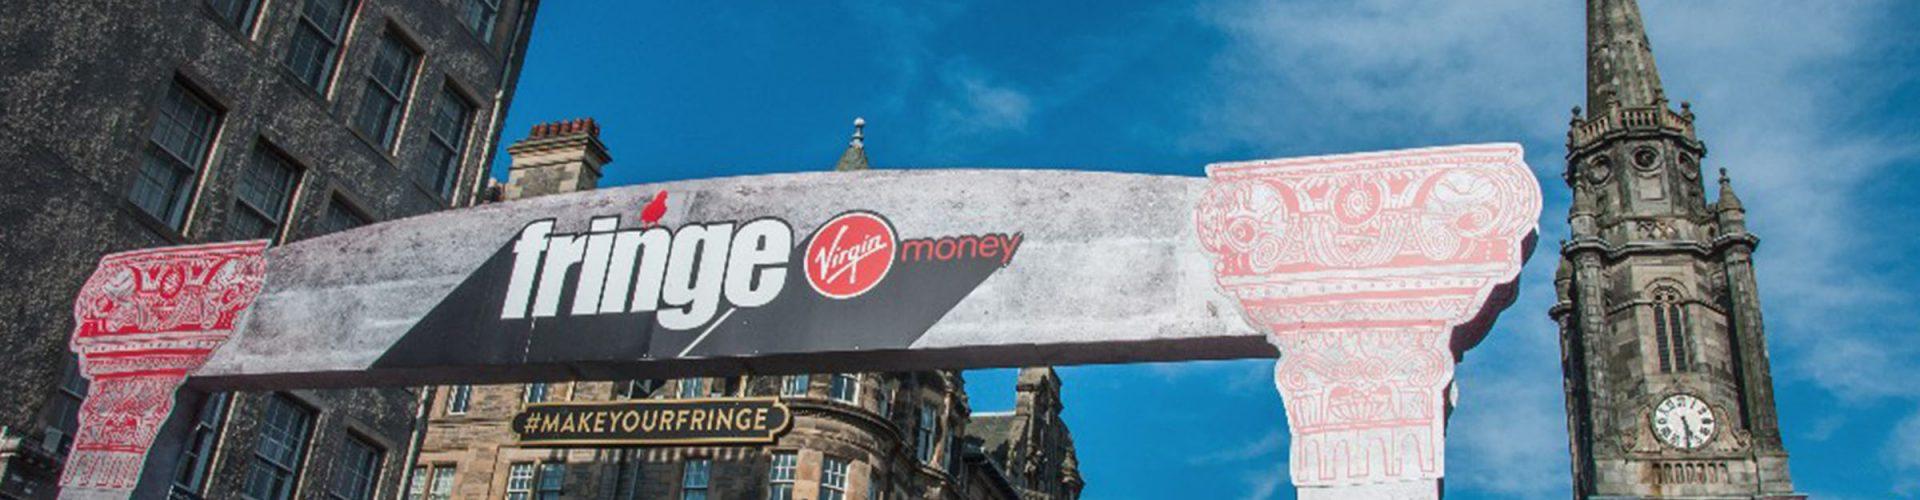 A sign for the Edinburgh Festival Fringe